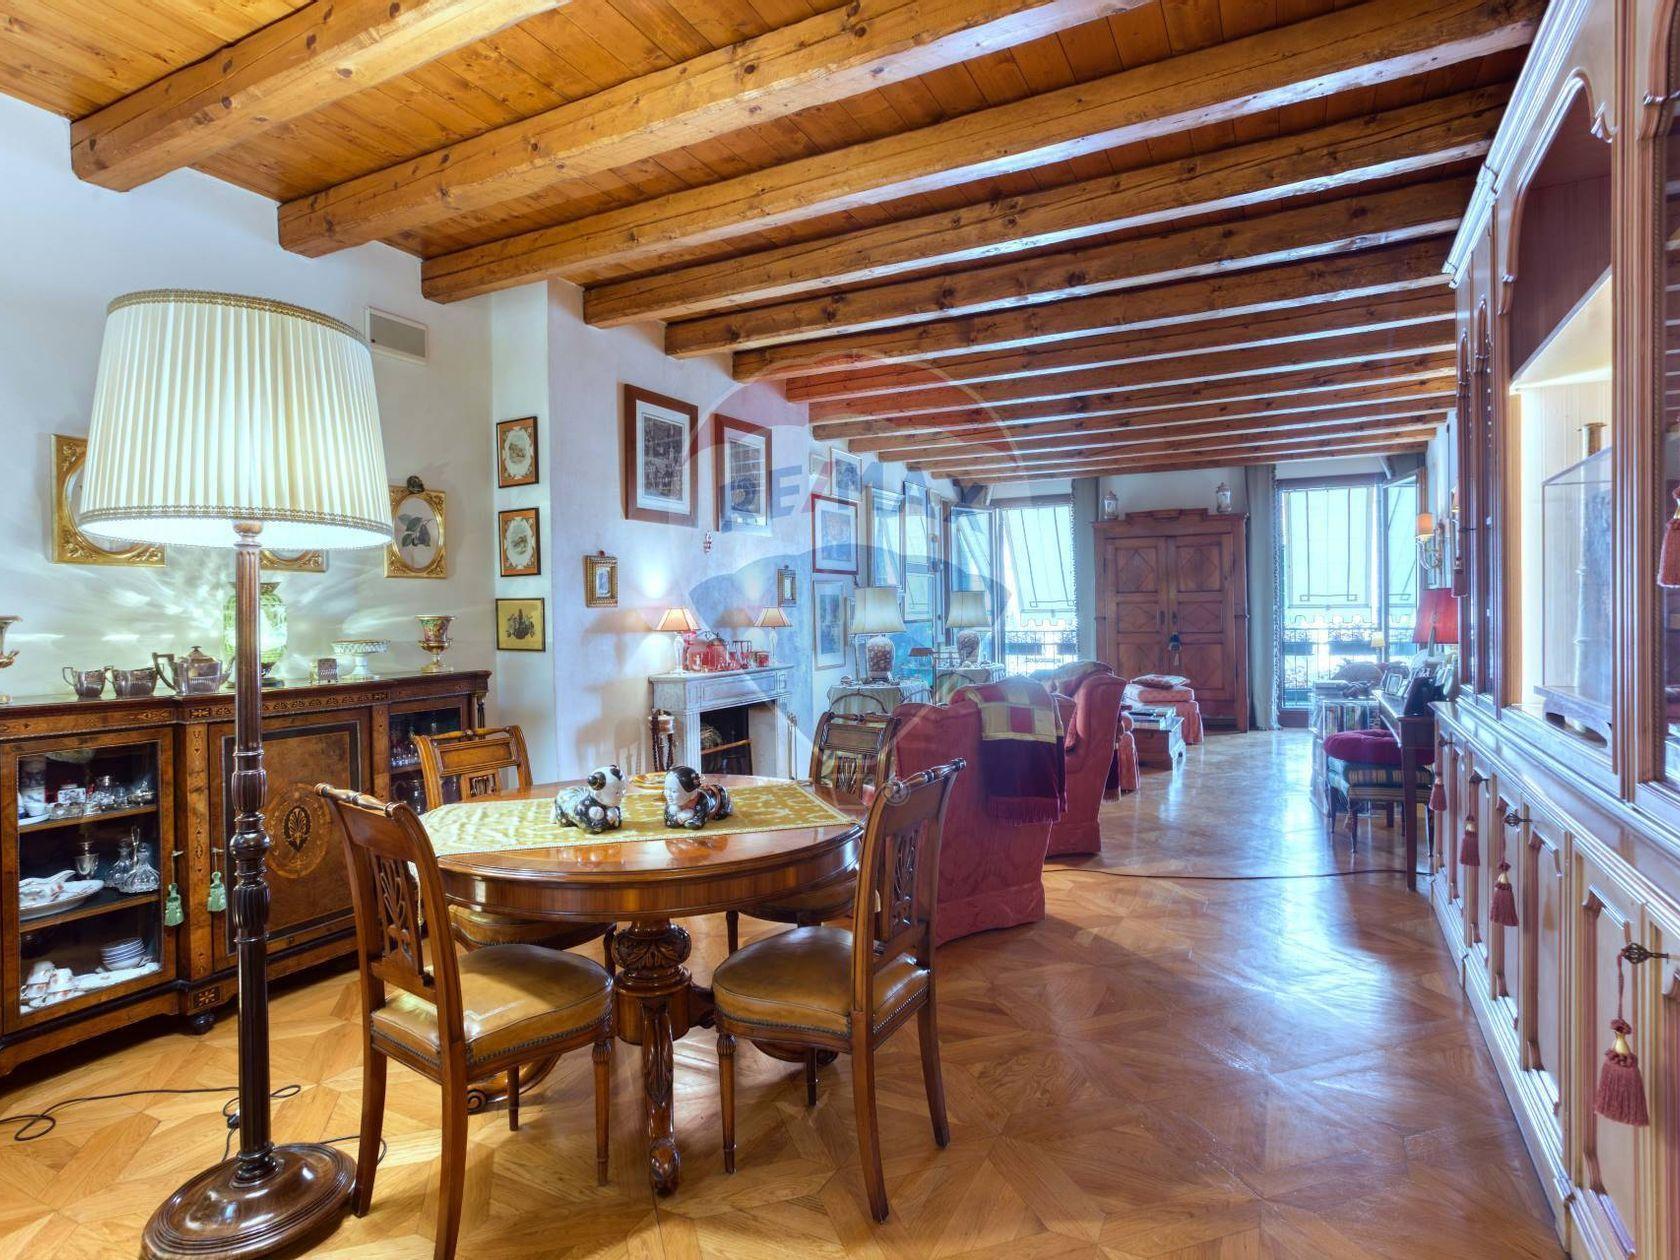 L Occhio Immobiliare Padova altro in vendita padova 33251027-6 | re/max italia